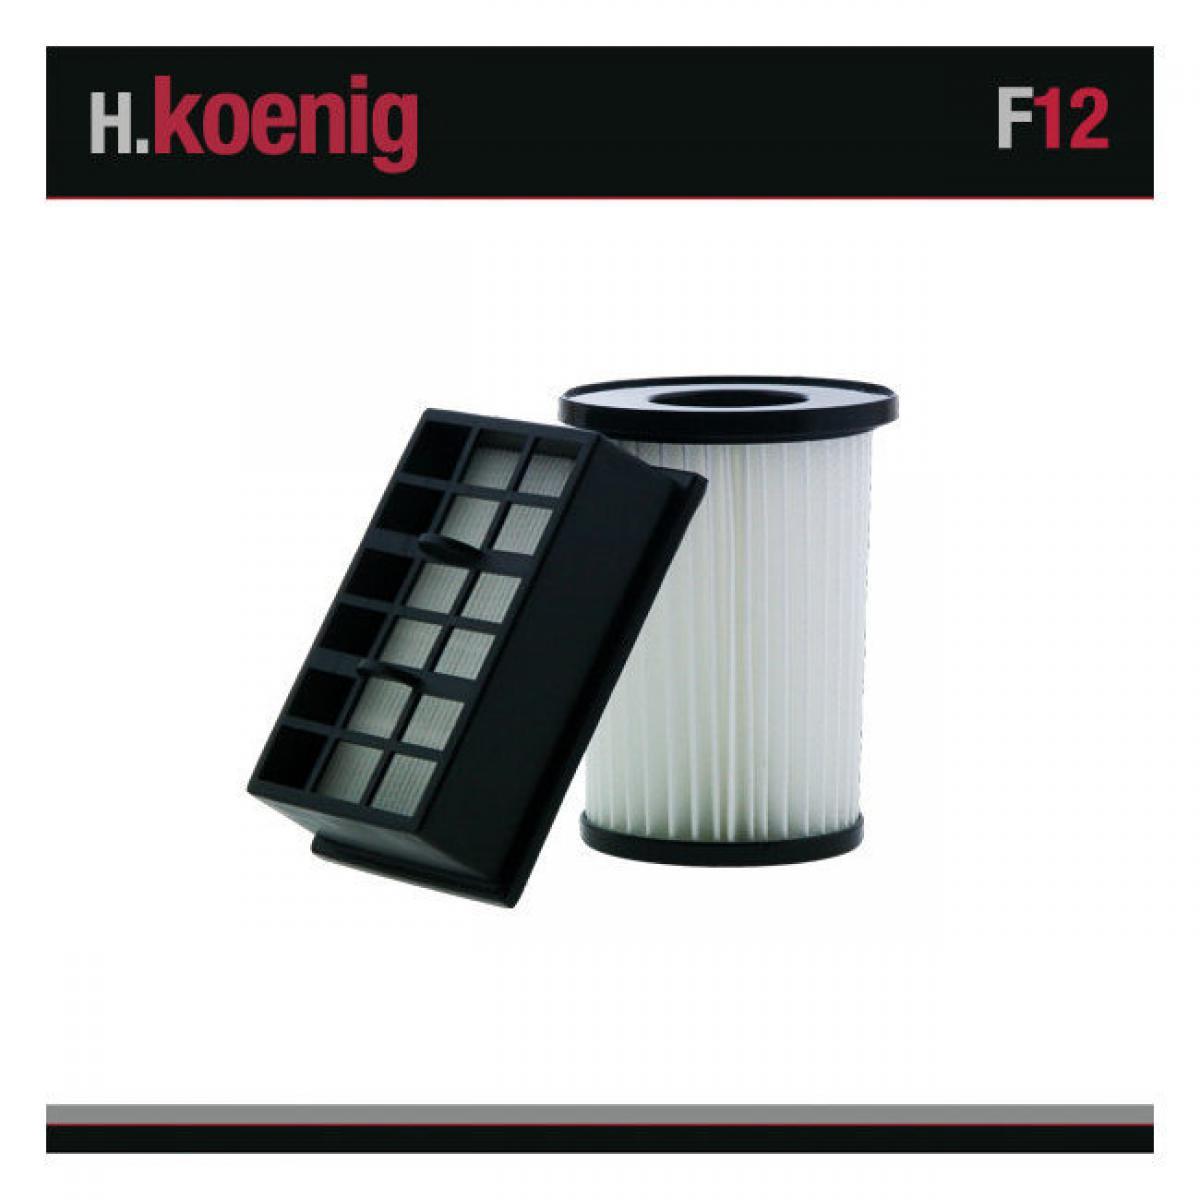 Hkoenig H.Koenig F12 Set de Deux Filtre Aspirateur HUGO FT30